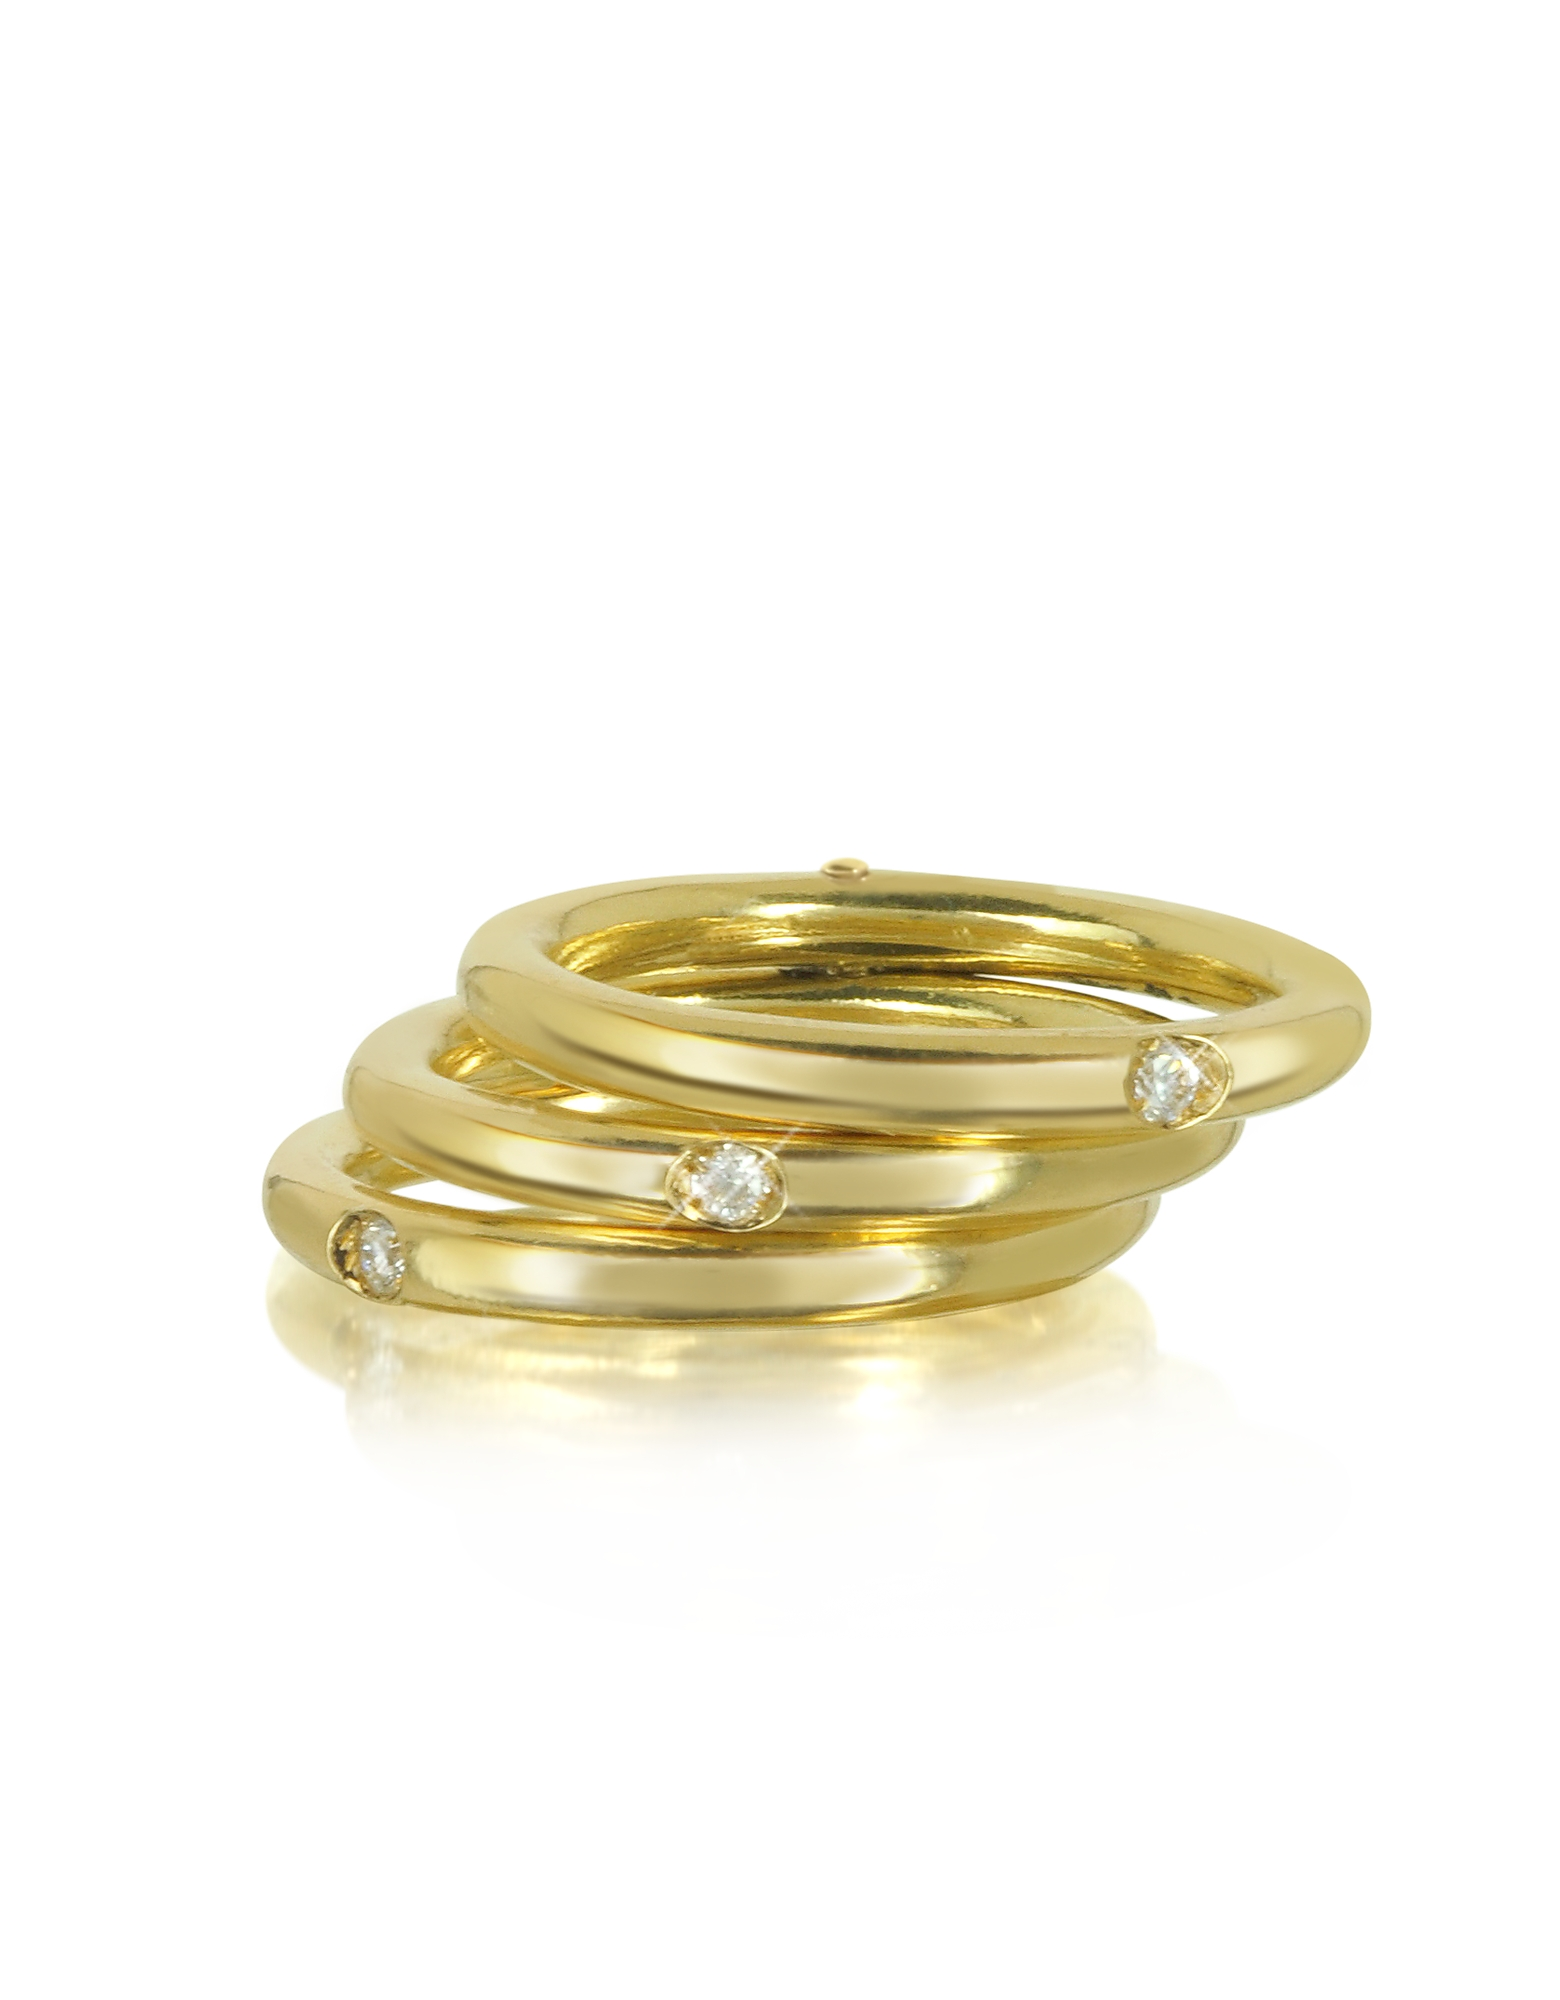 Фото Secret Ring - Тройное Кольцо из Золота 18 карат с Бриллиантами. Купить с доставкой